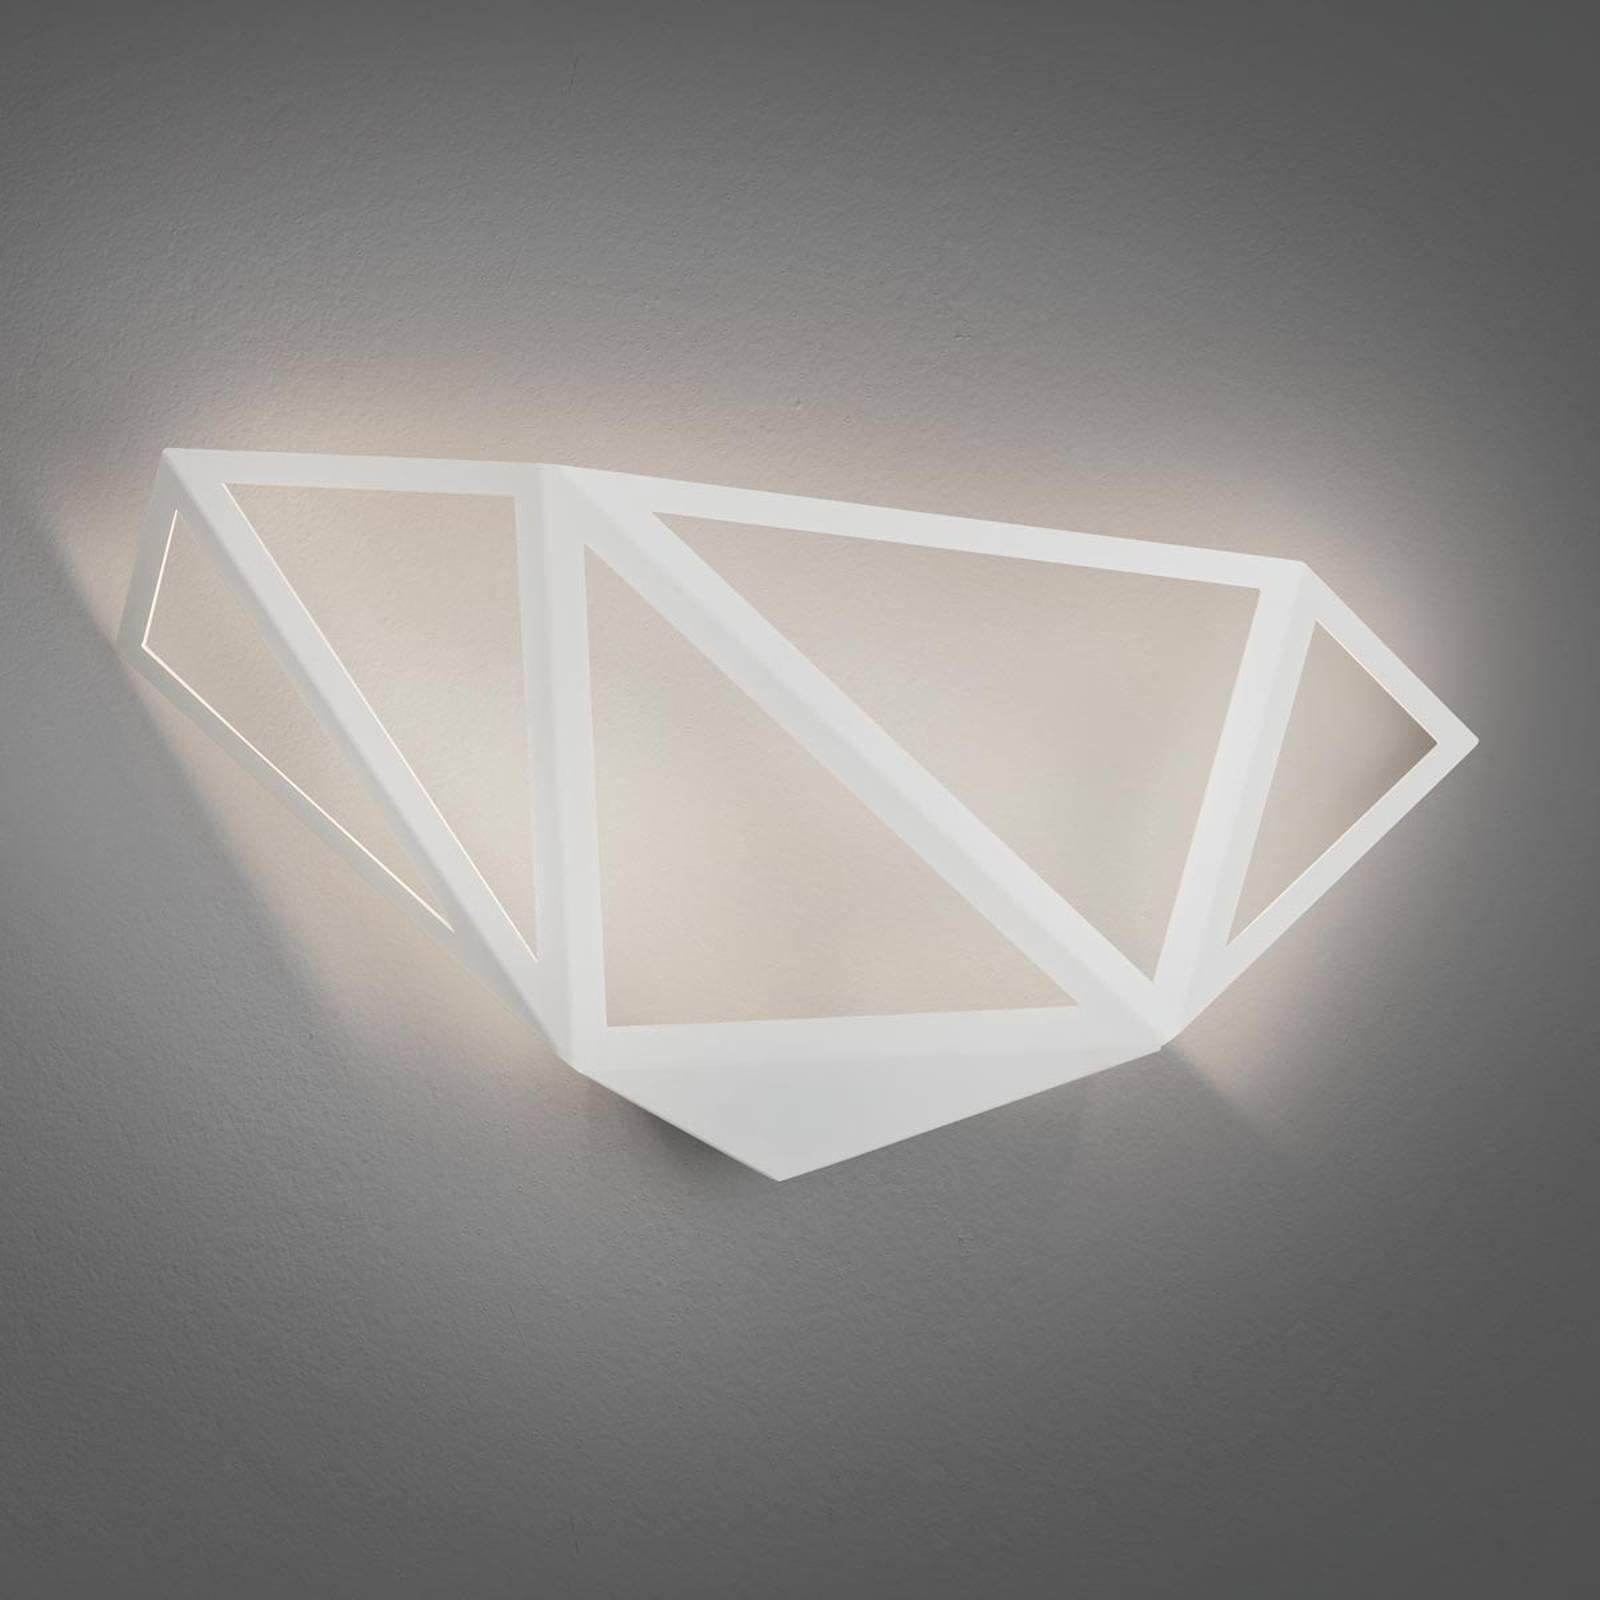 LED-vegglampe Starlight, hvit